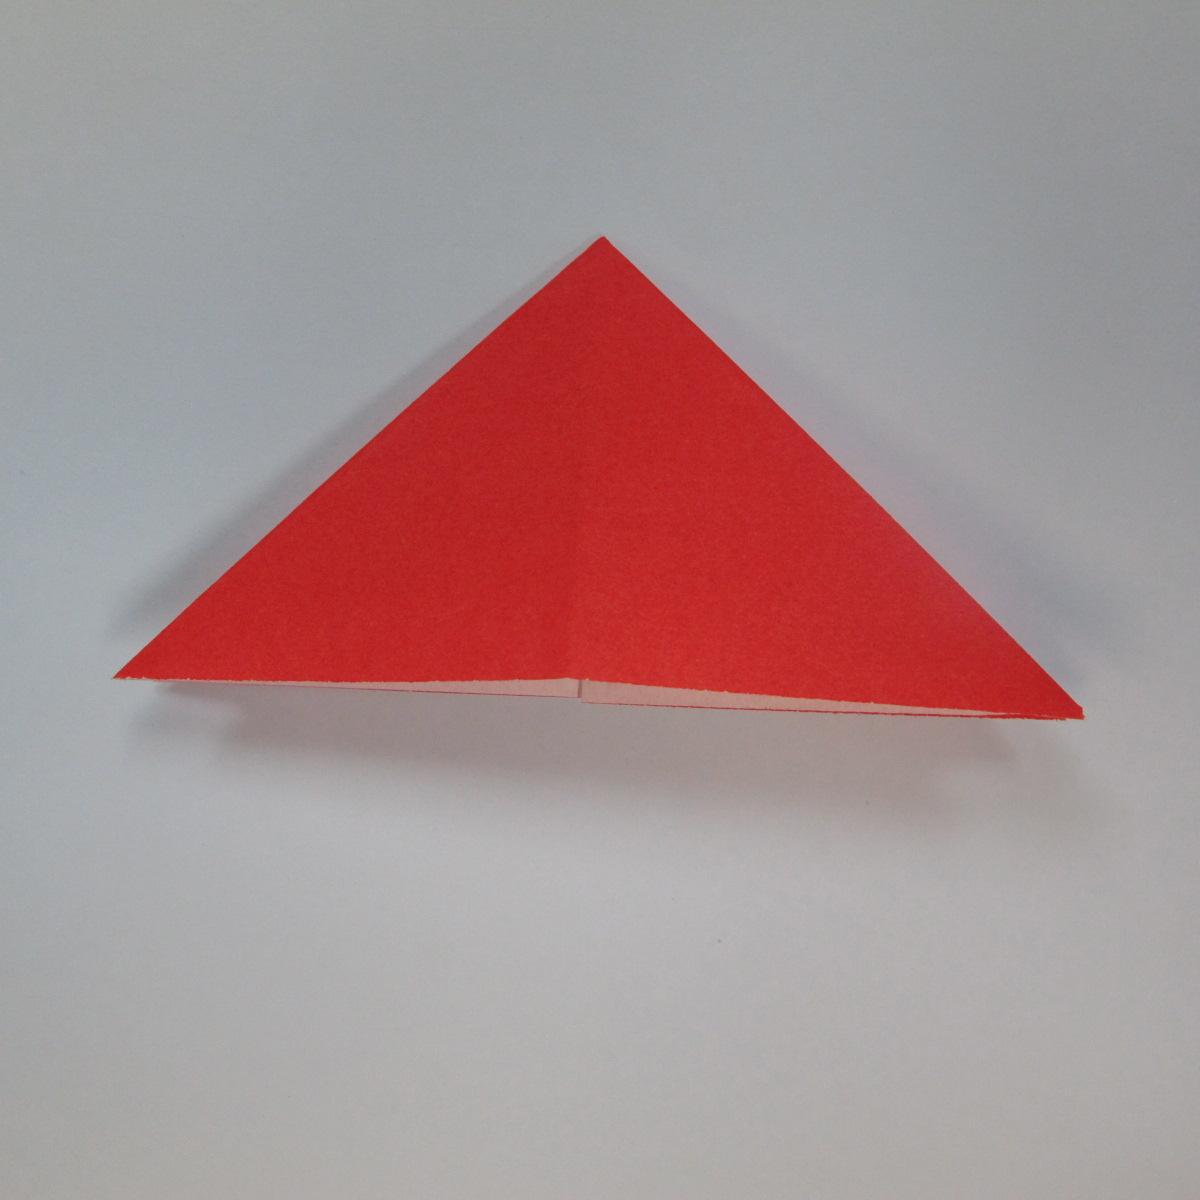 วิธีการพับกระดาษเป็นดาวหกแฉกแบบโมดูล่า 004